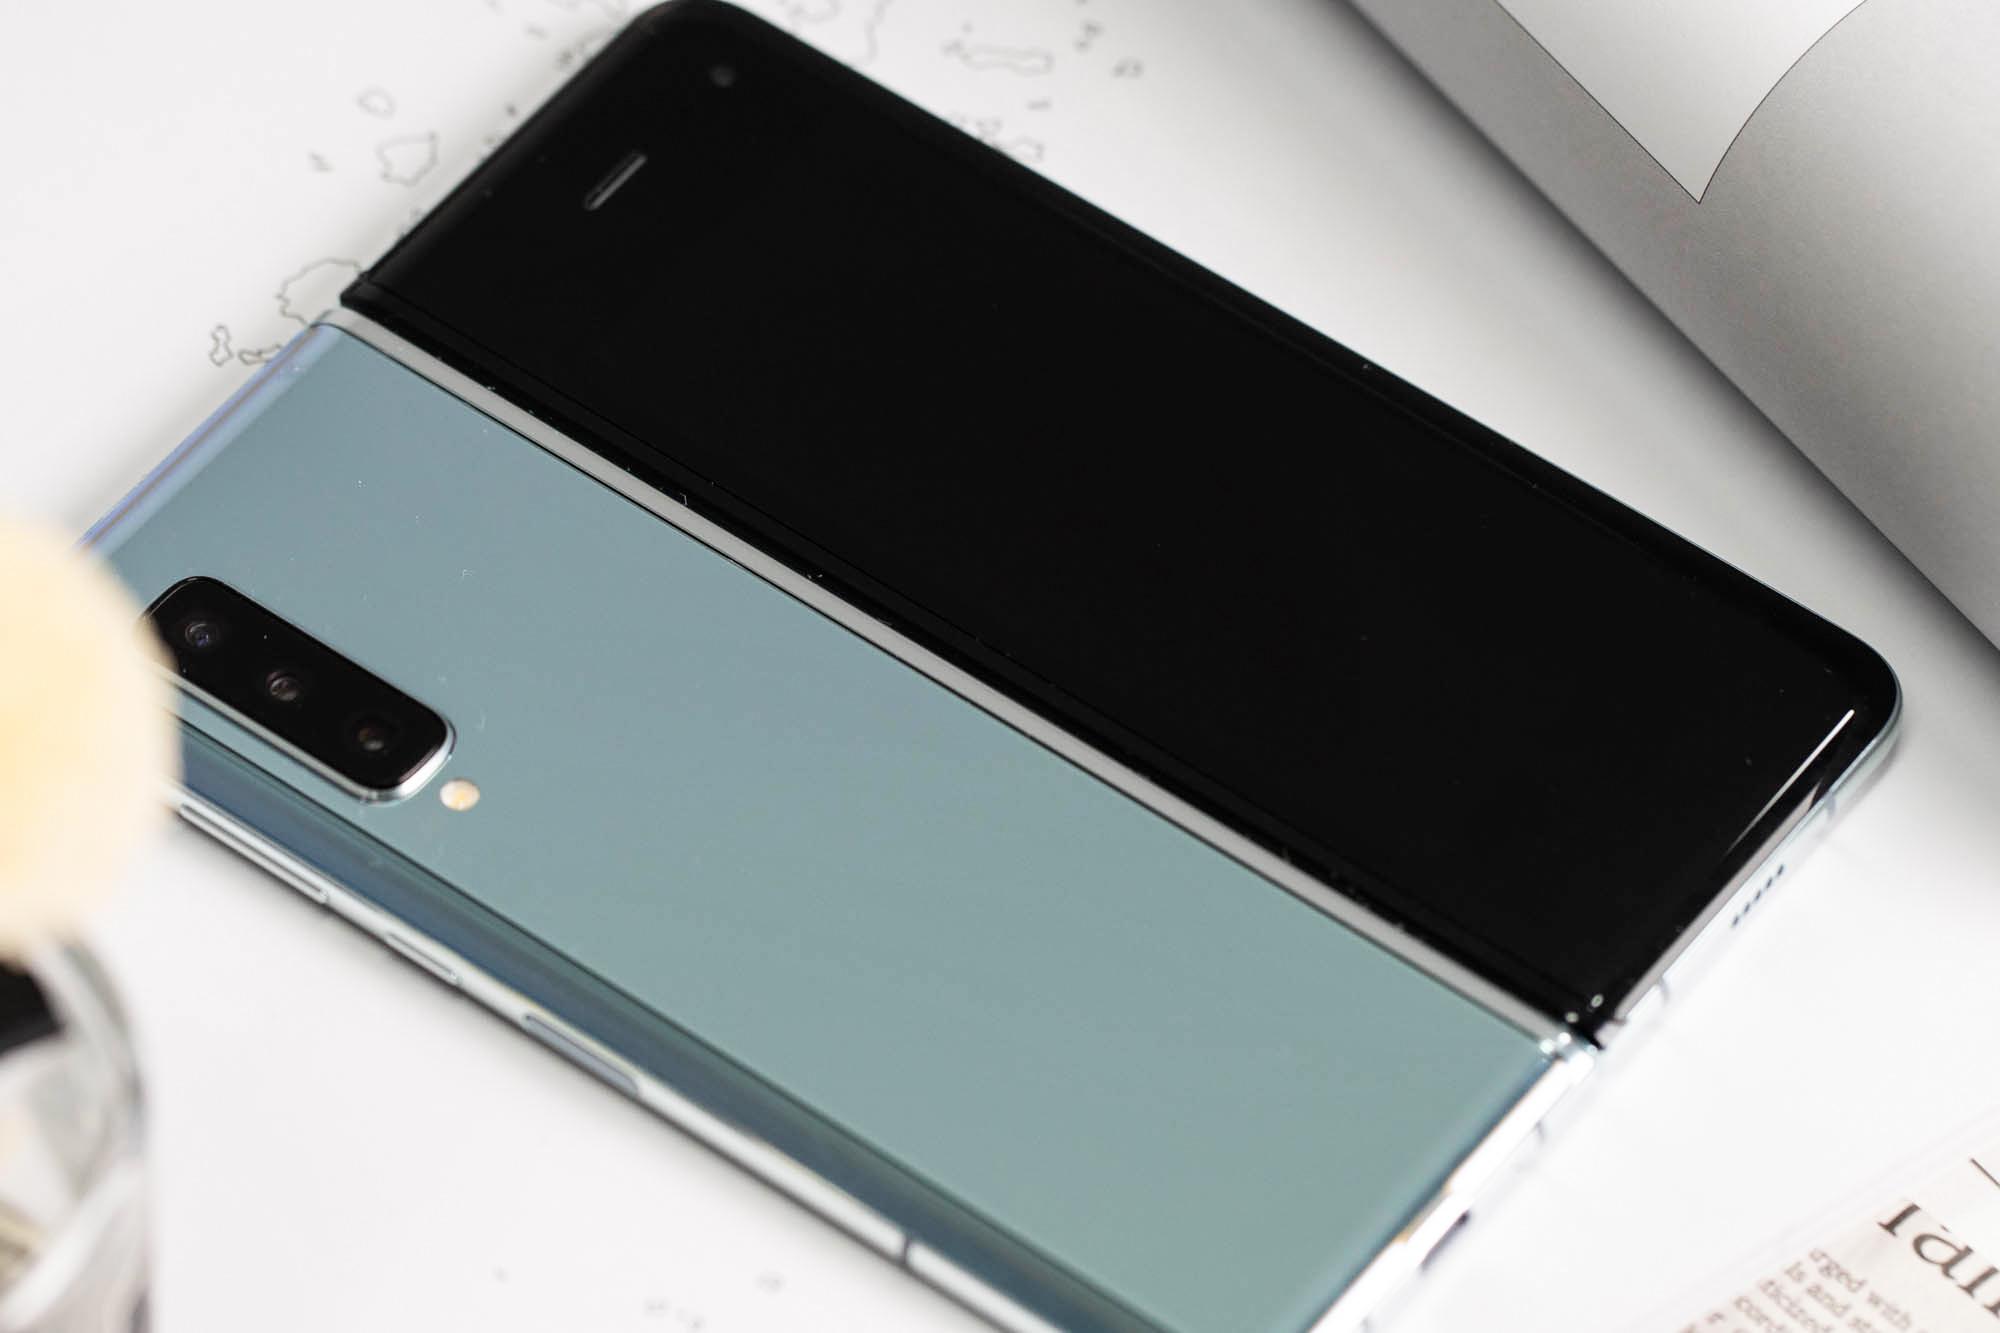 三星Galaxy Fold上手体验:双屏无缝切换的折叠屏手机的照片 - 2